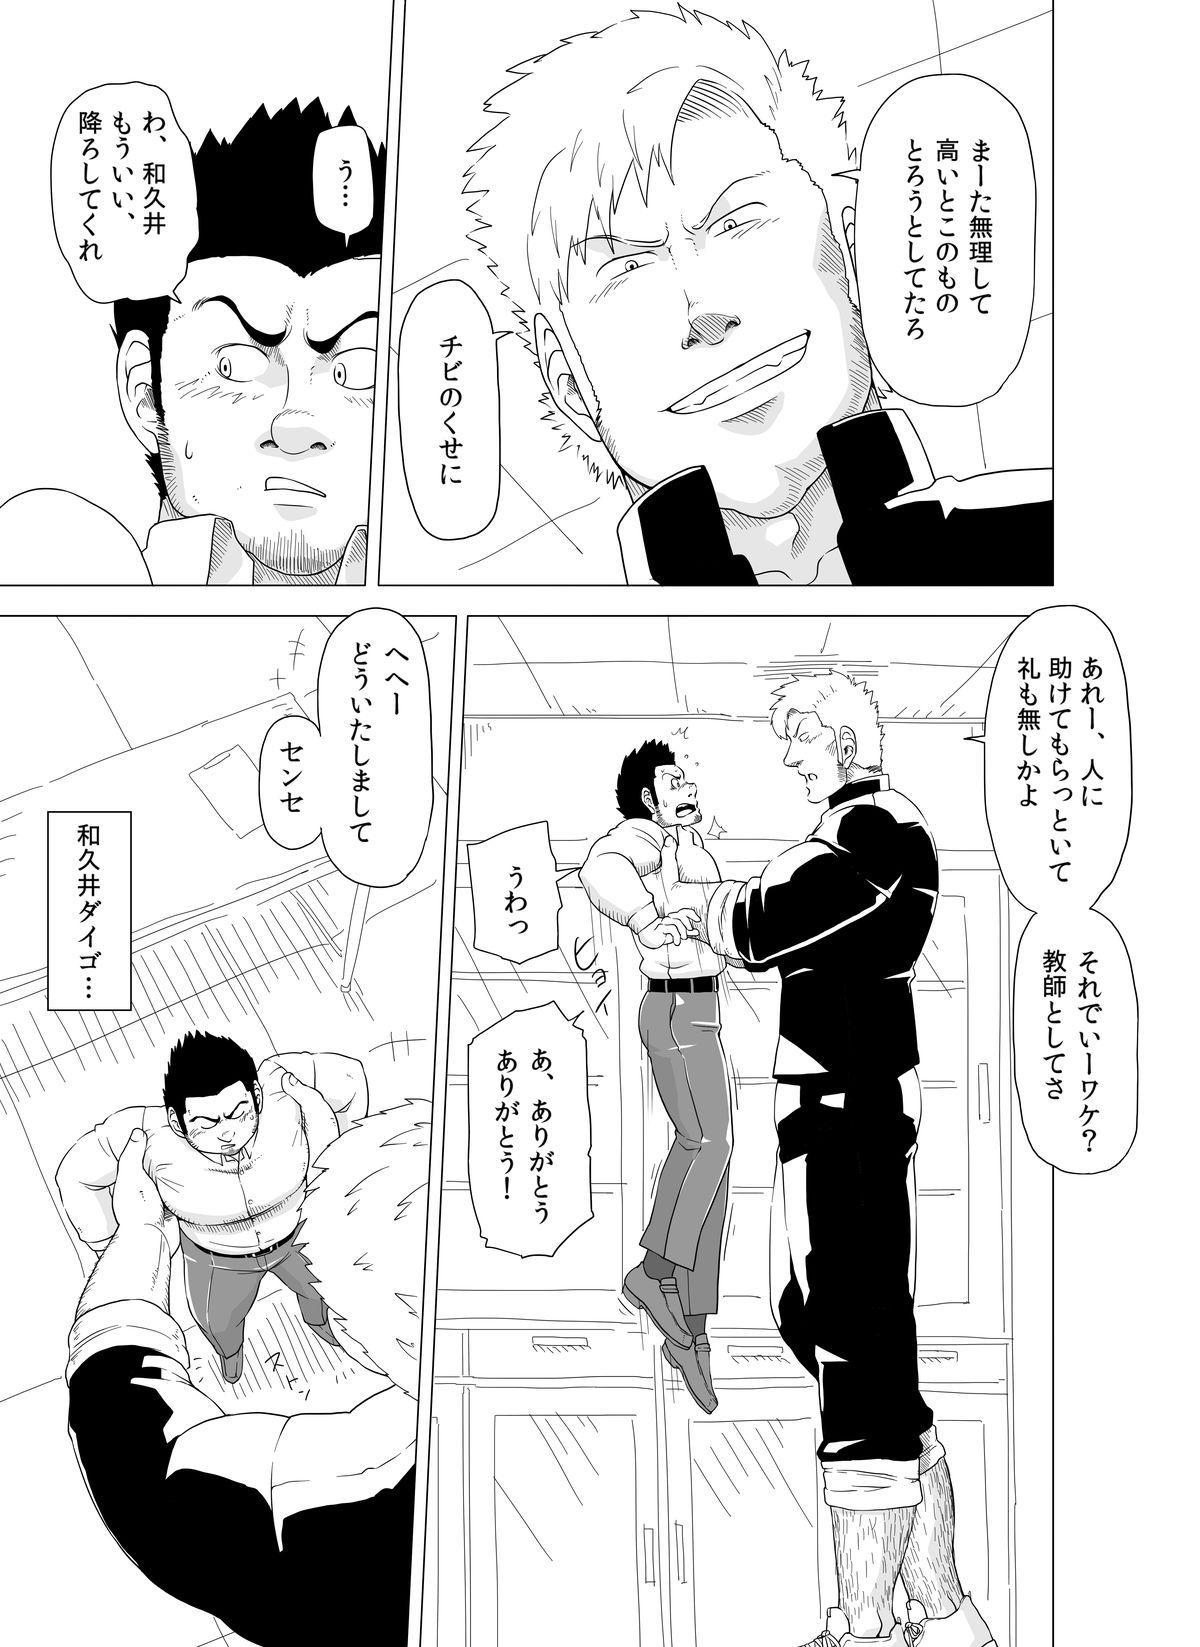 Deka Seito to Chibi Sensei 4